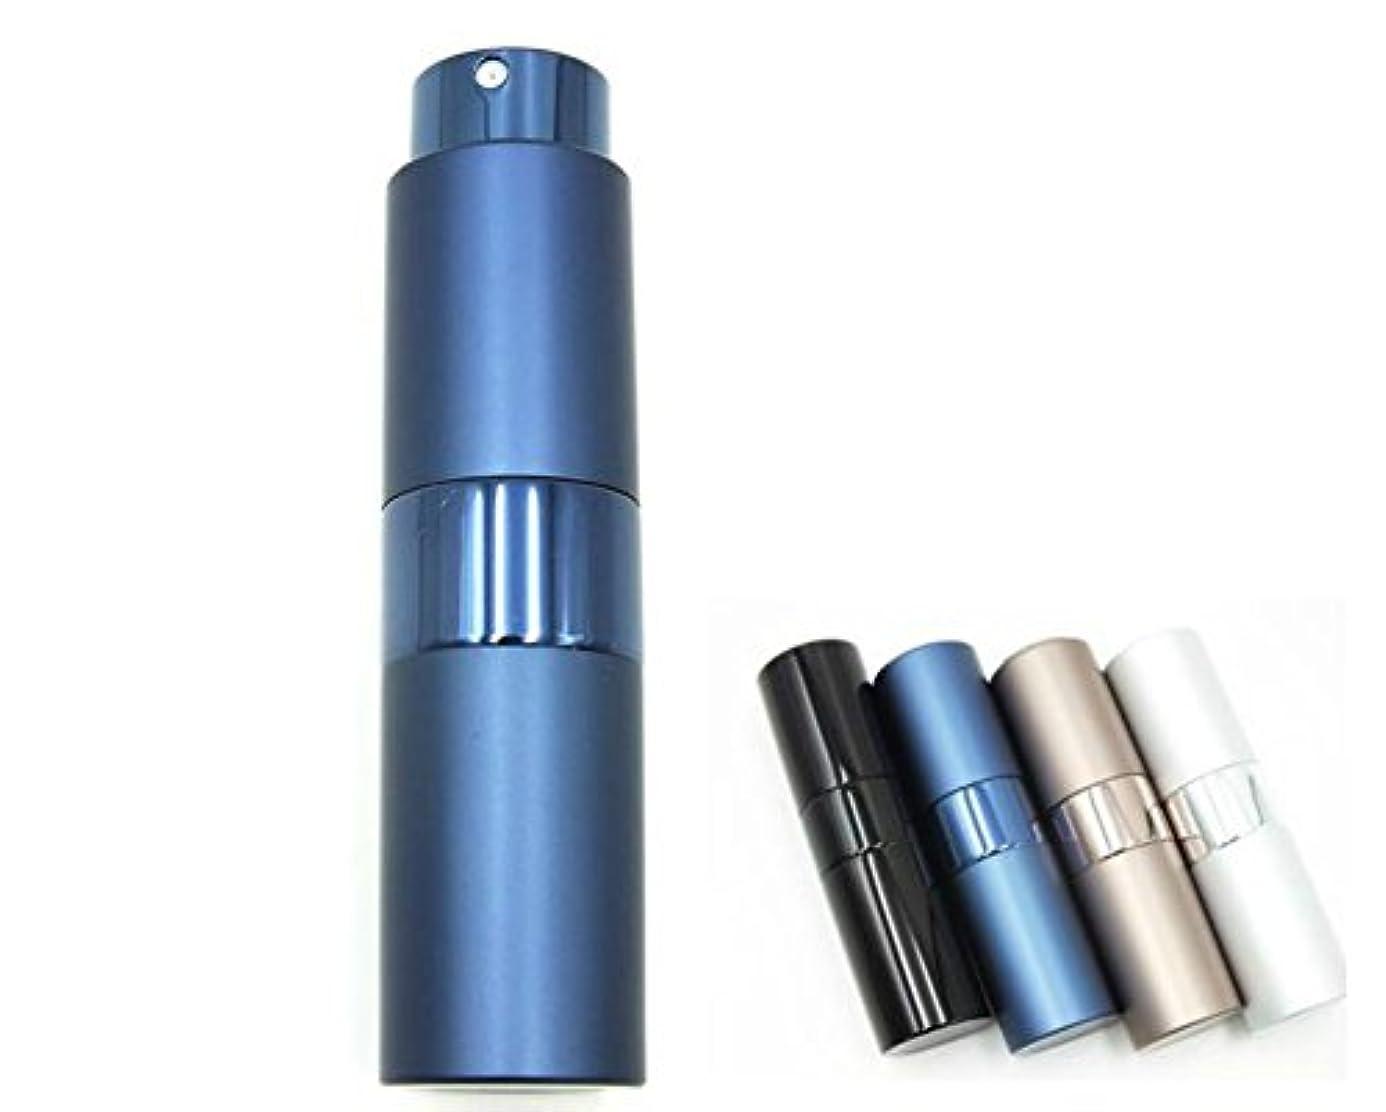 ペンフレンド強制自動ShopXJ 香水 メンズ アトマイザー 大人 男性 プッシュ式 詰め替え 持ち運び 身だしなみ 携帯用 15ml (ネイビー)